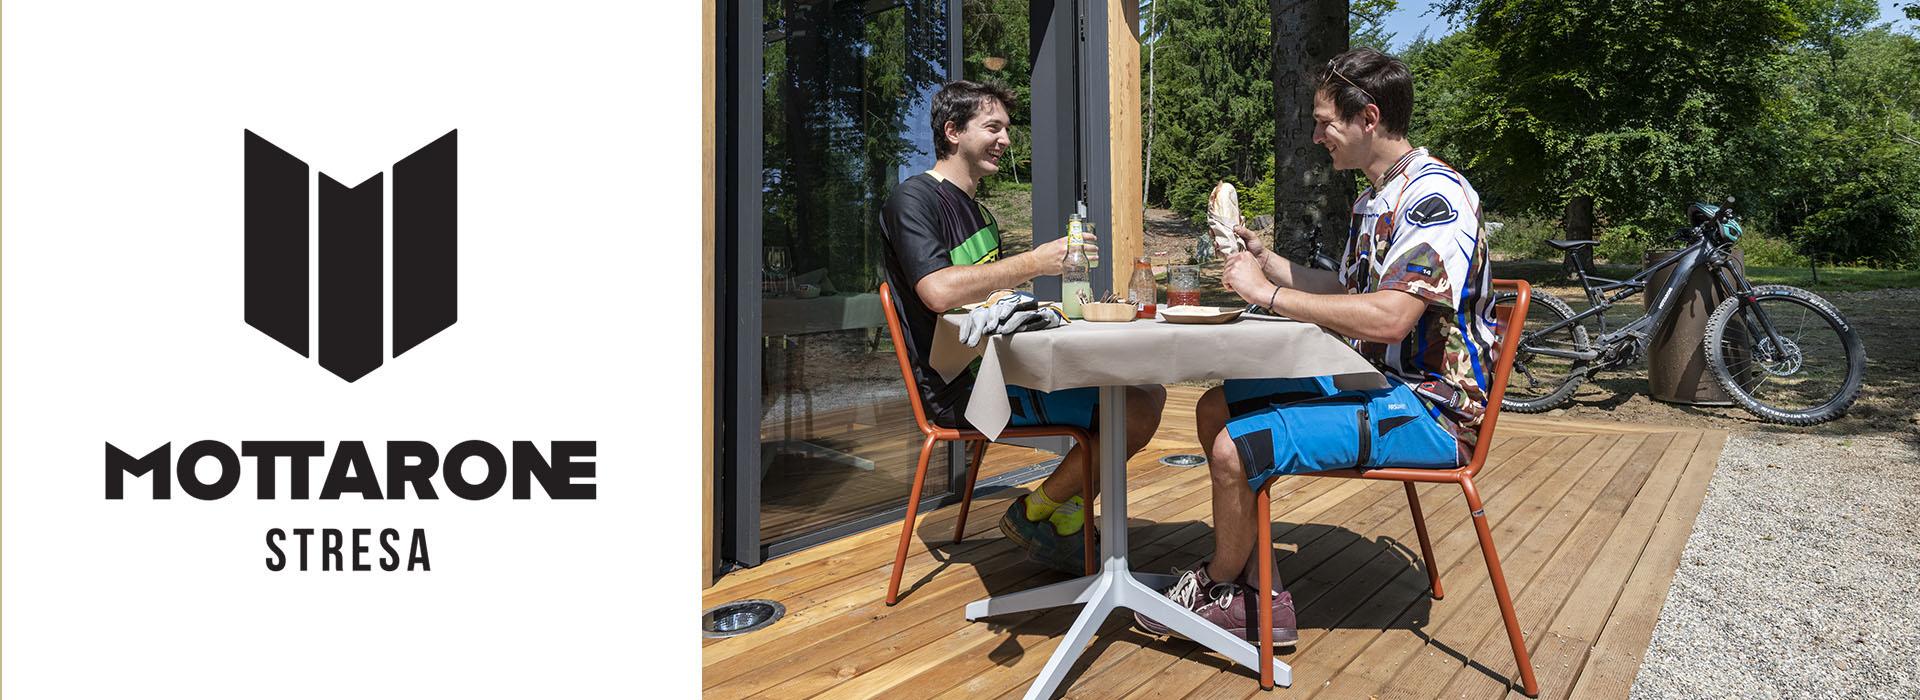 ragazzi seduti al tavolo che mangiano un panino